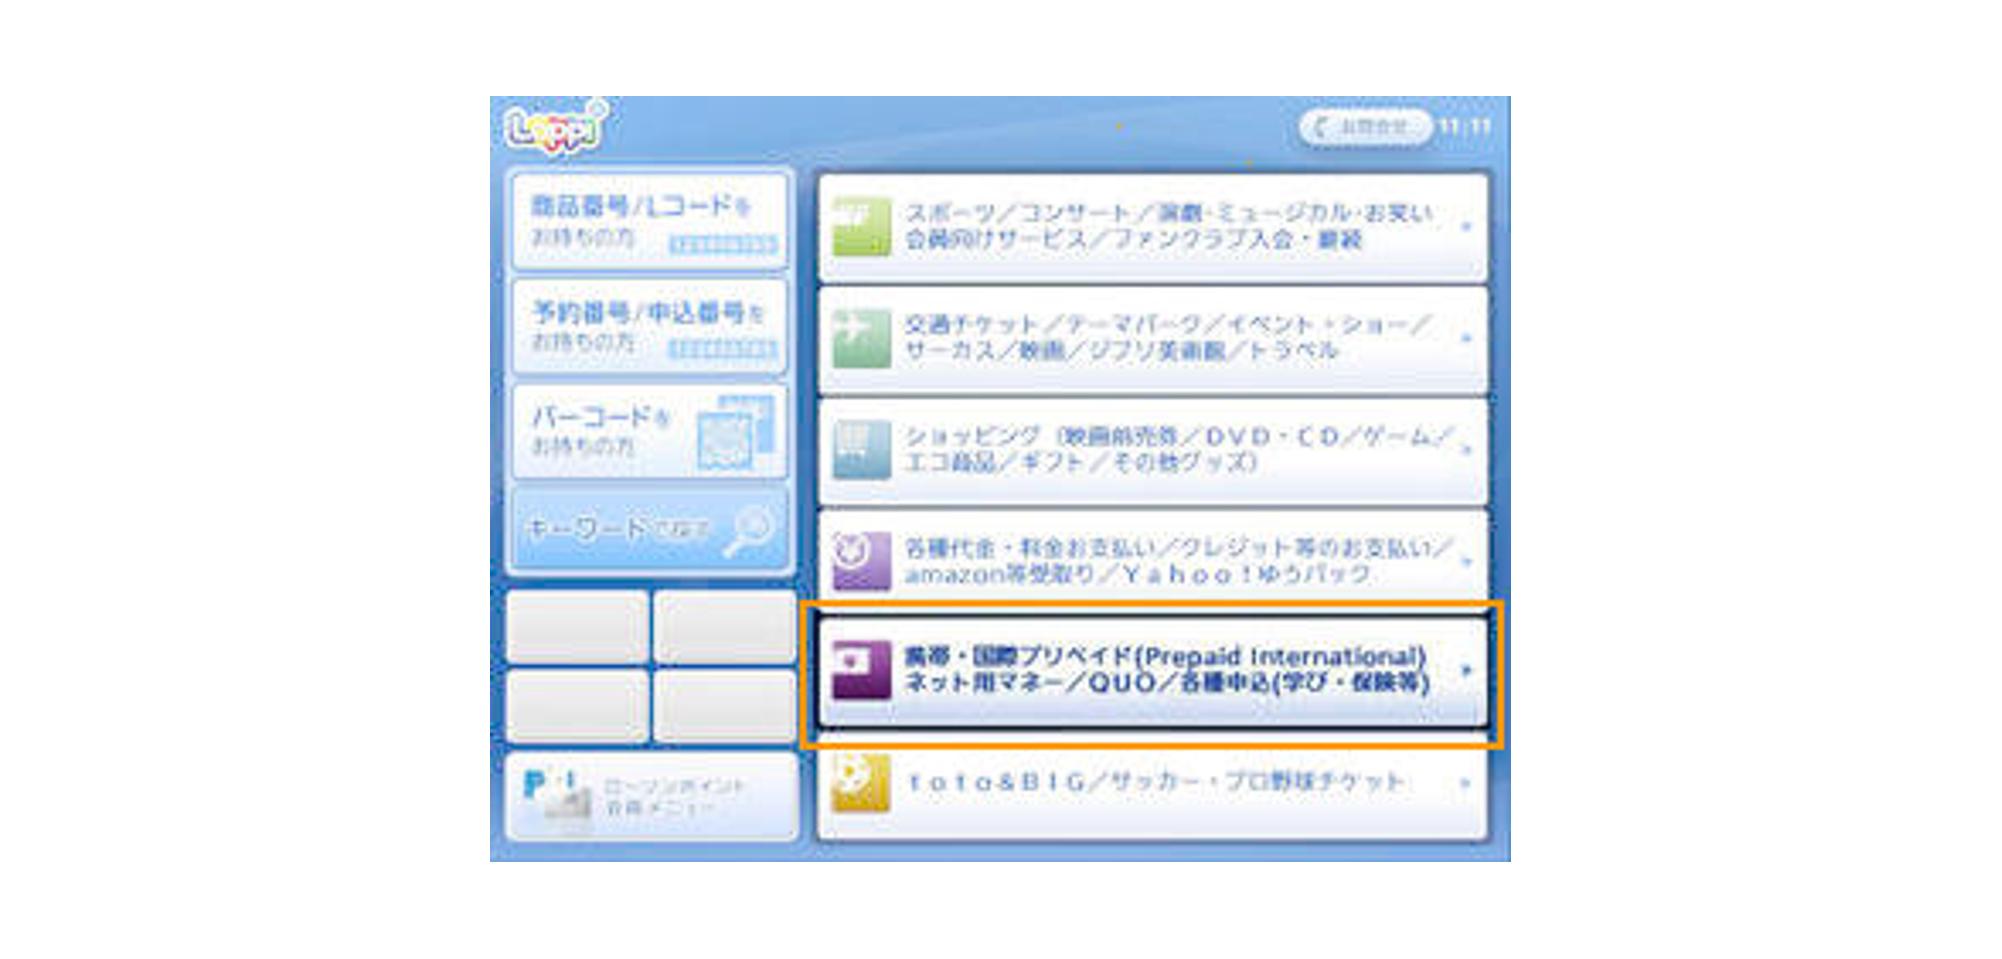 ローソンでのシートタイプ発行手順2